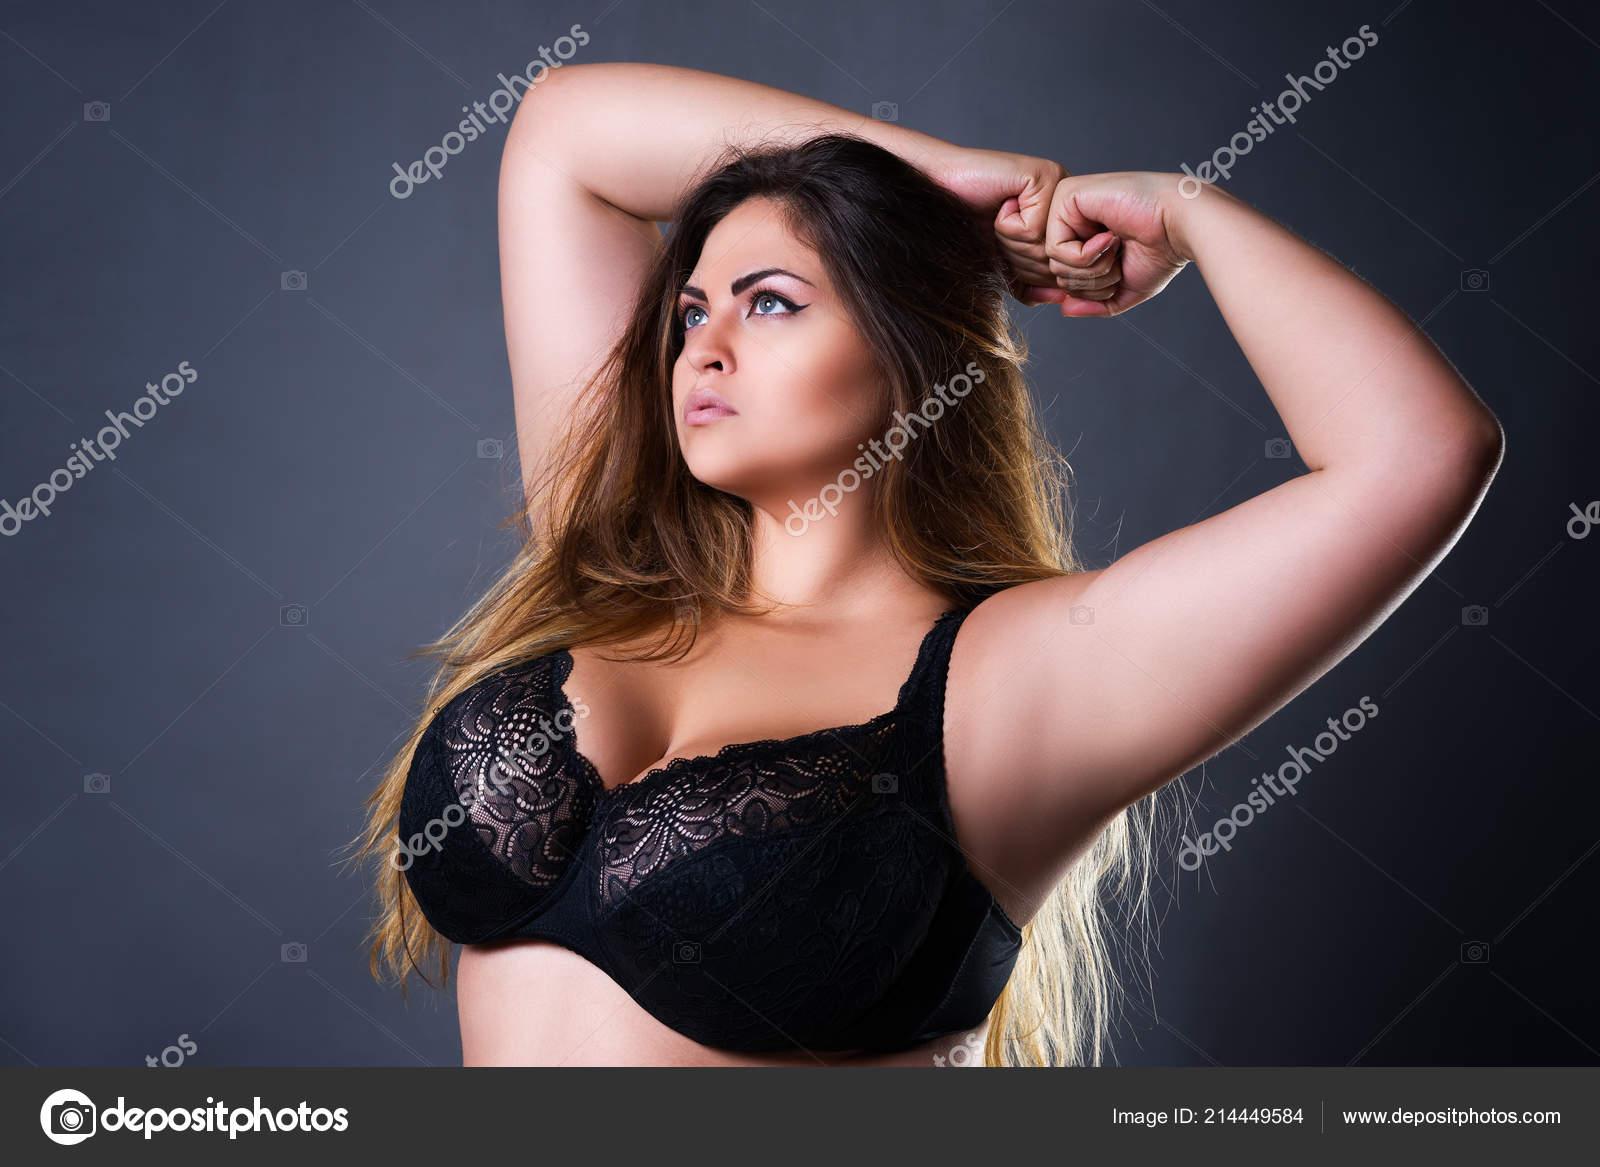 grande donna sexy foto grande cazzo nuovo porno